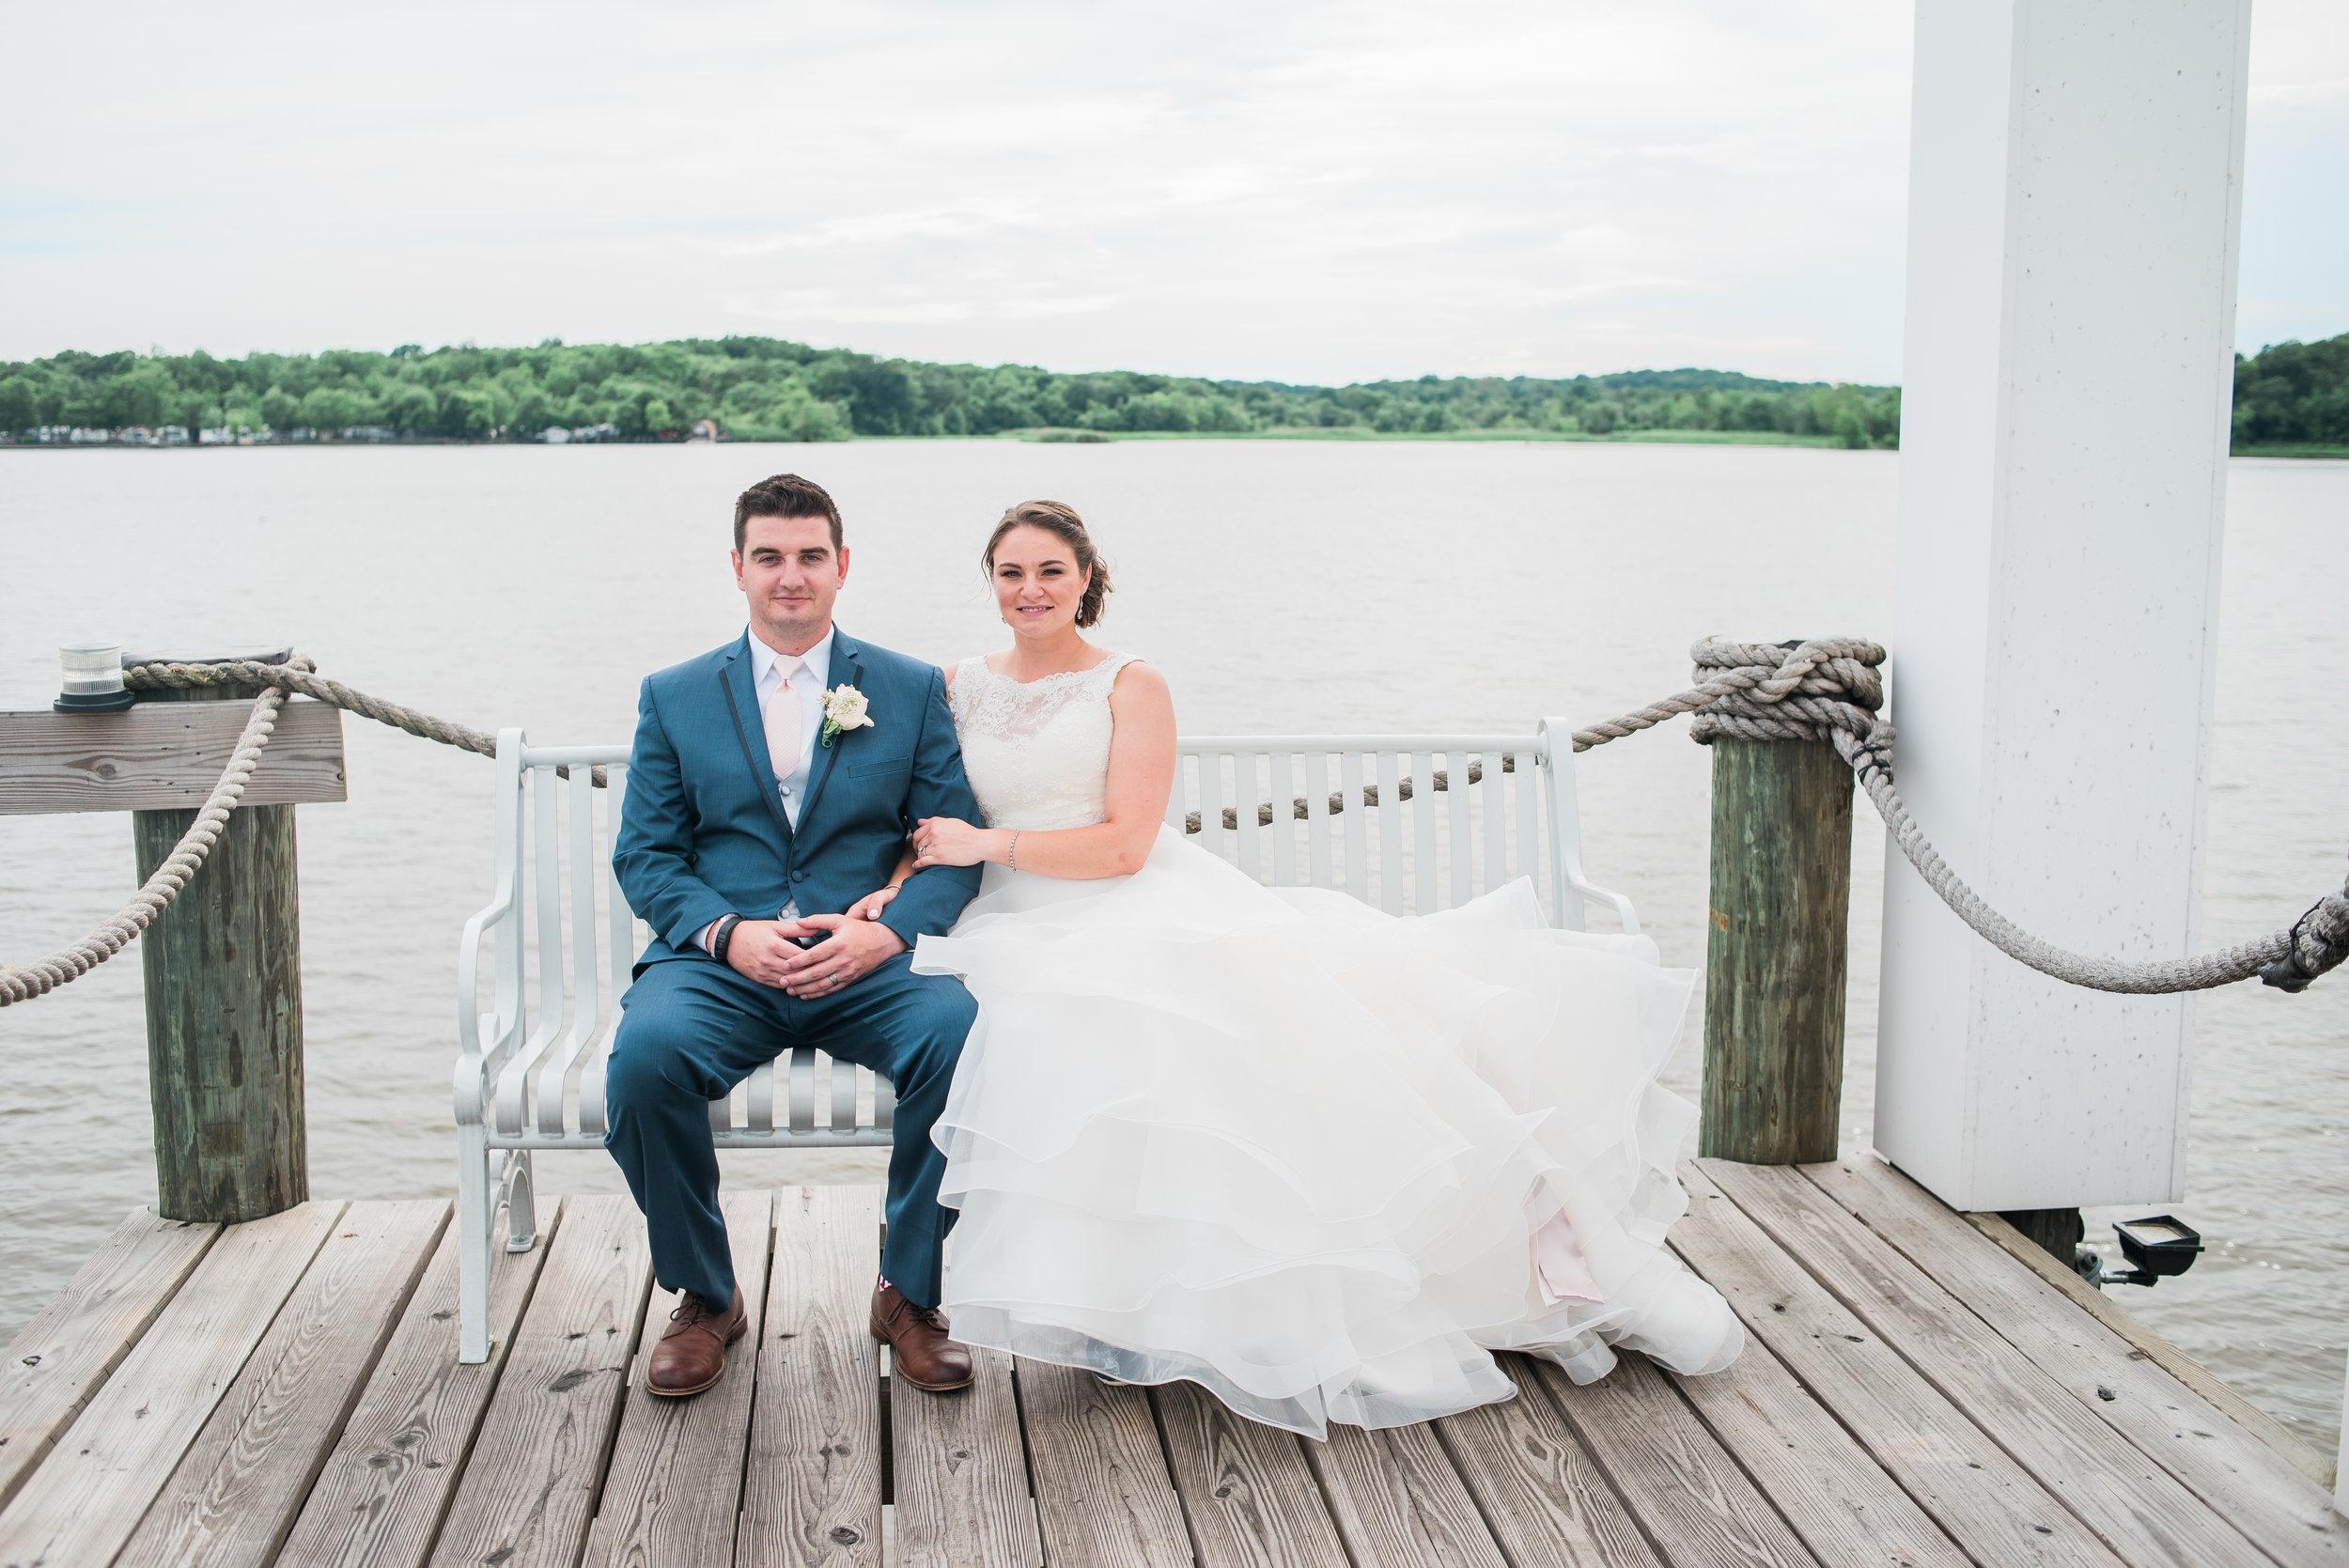 ryan-wedding-401.jpg